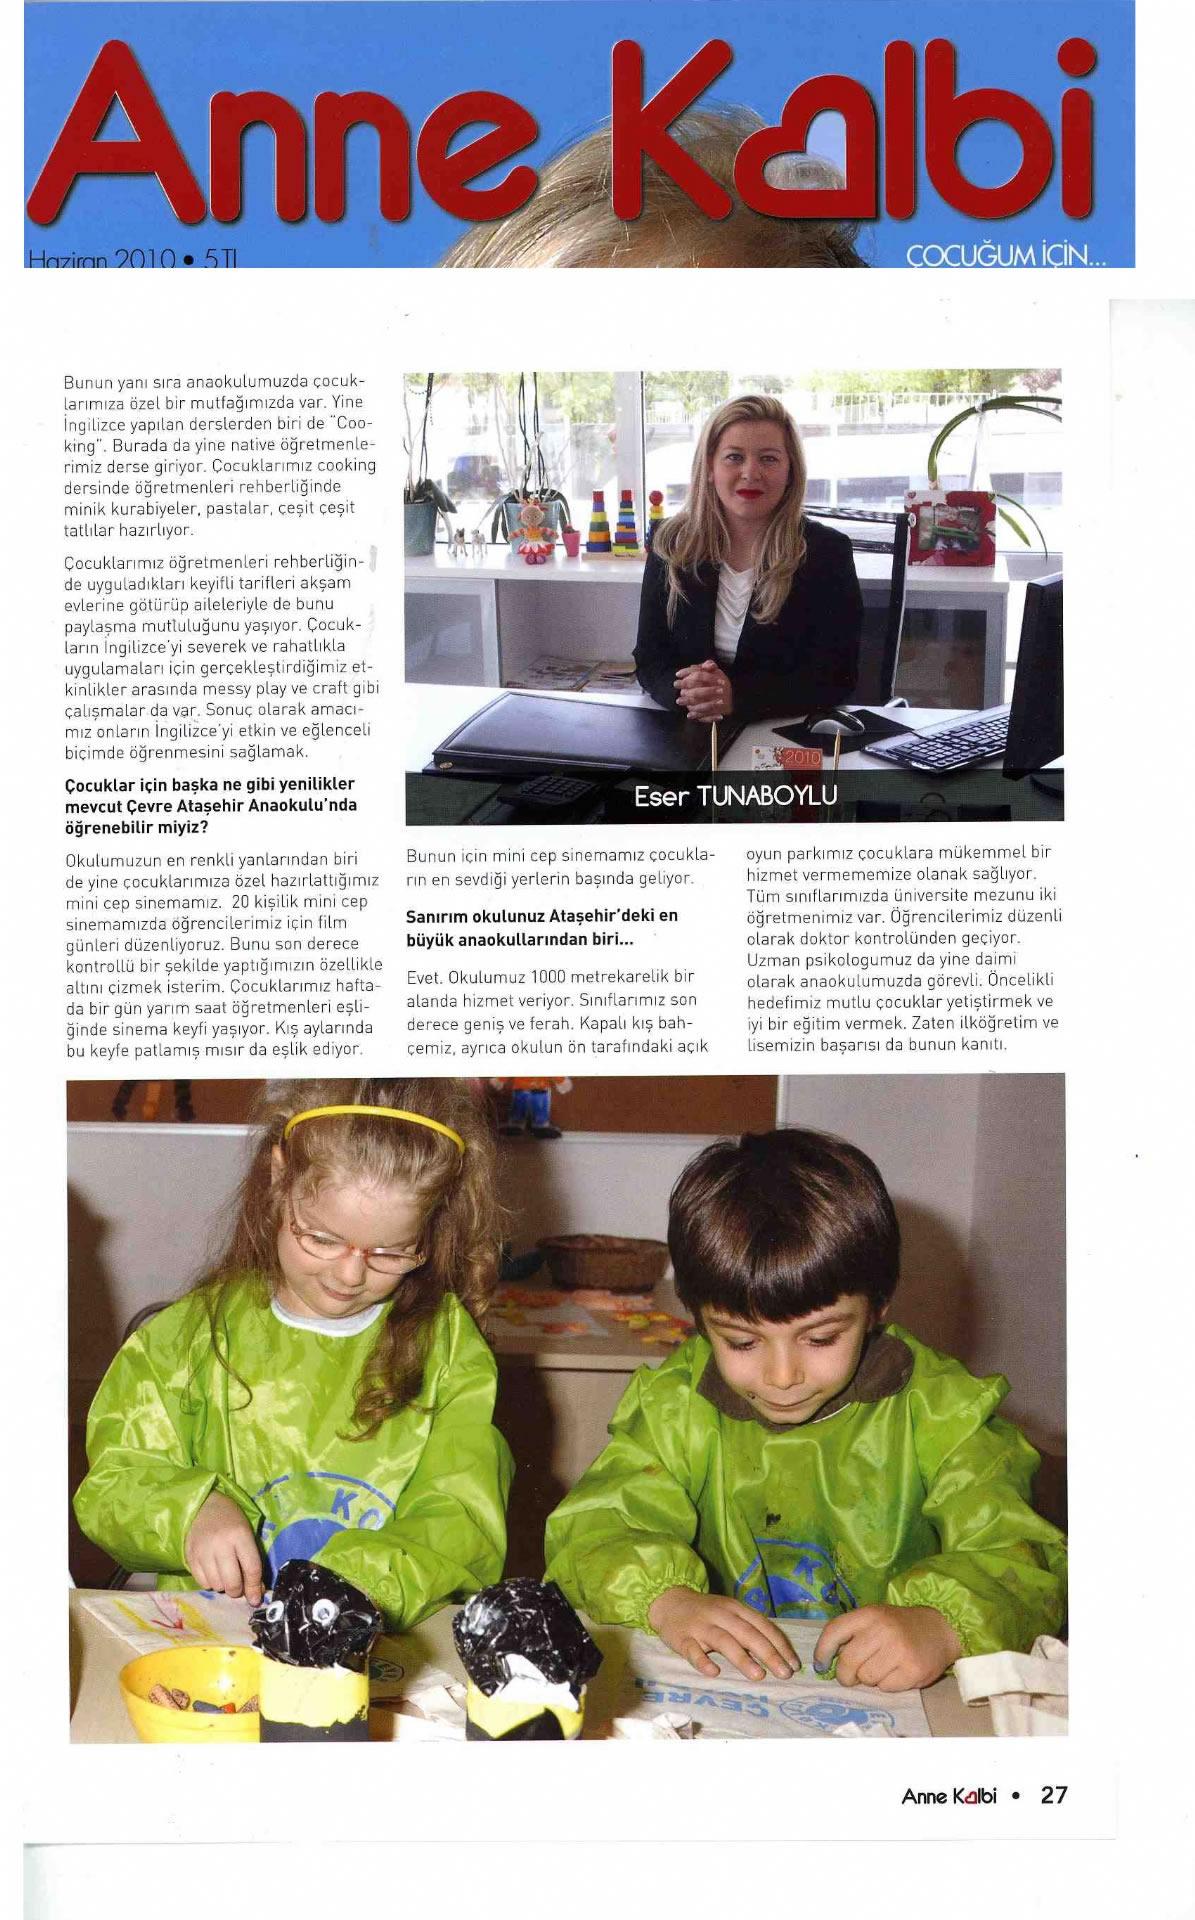 Çevre Koleji Ataşehir Anaokulu'nda Bir İlk!2